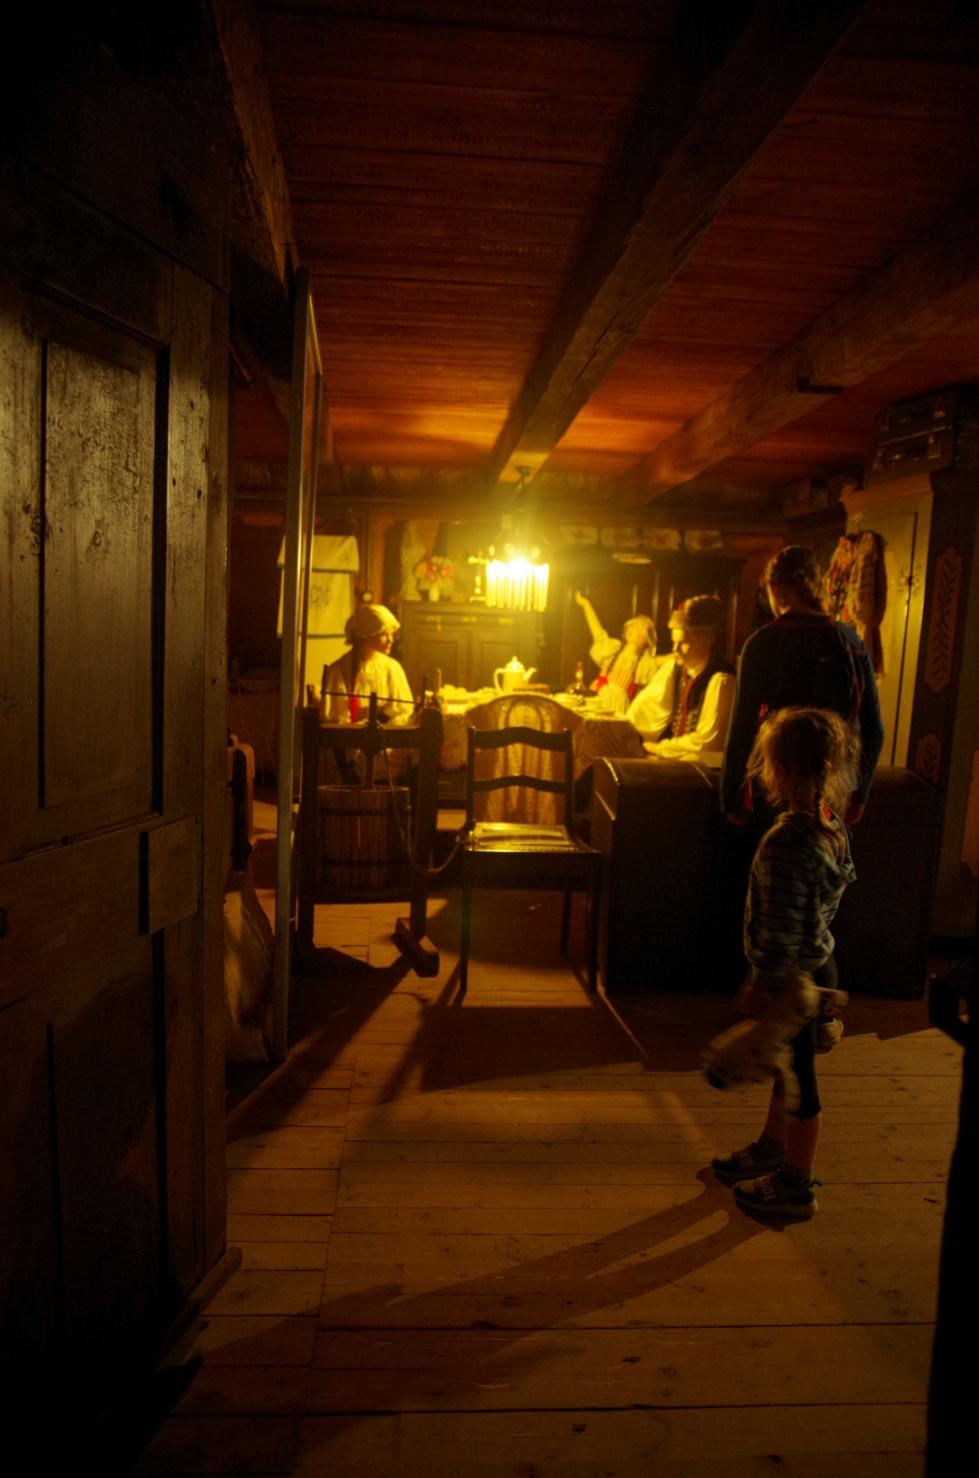 Czeski zakątek - Pstrążna - skansen wnętrze chaty